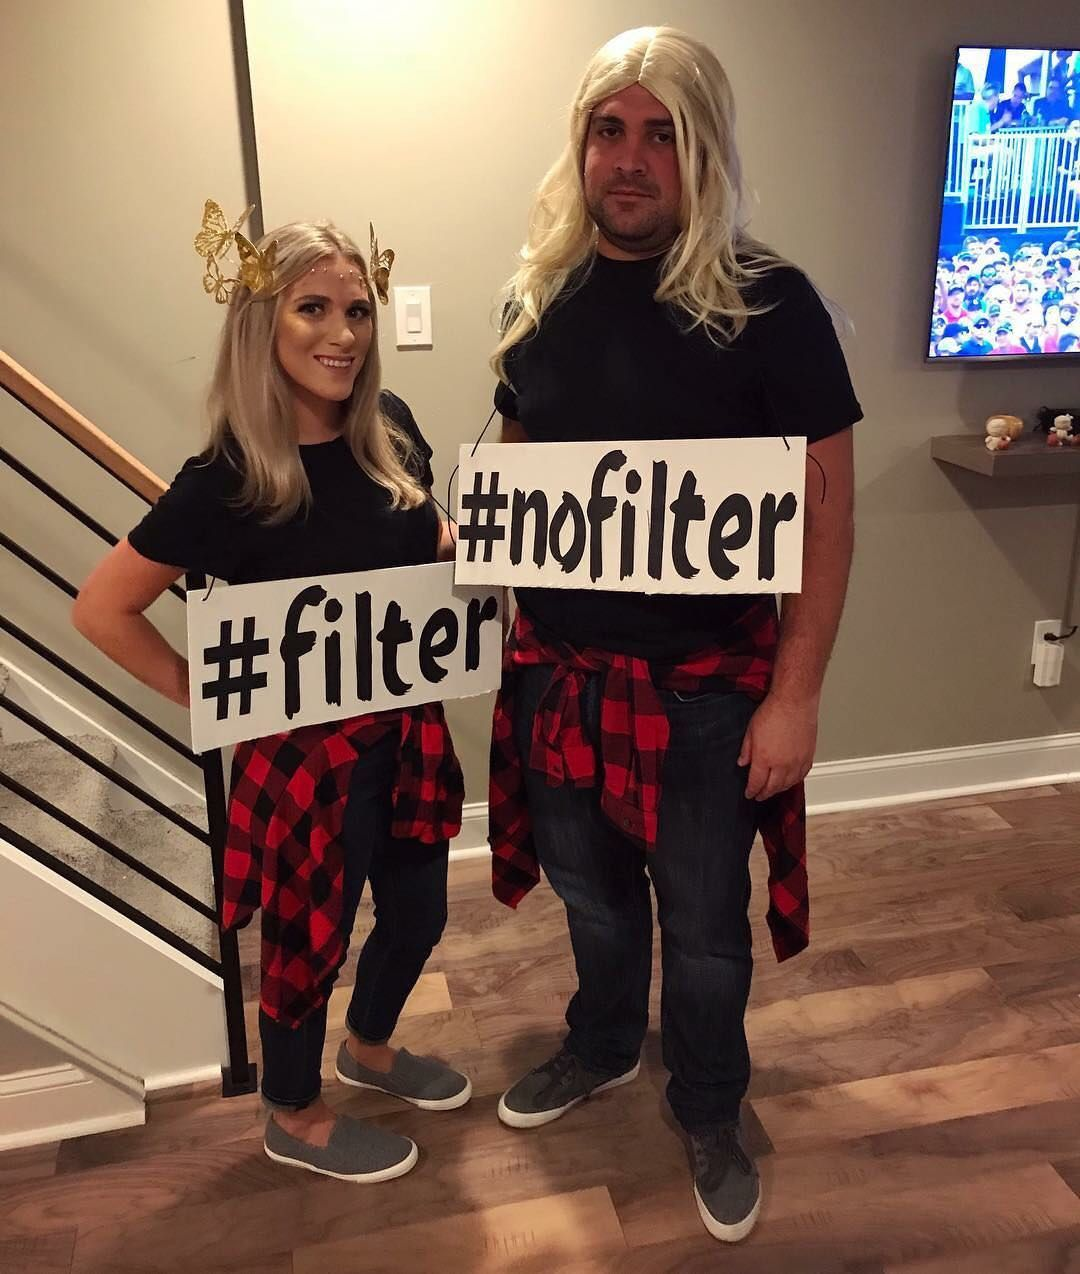 Couple's costume idea